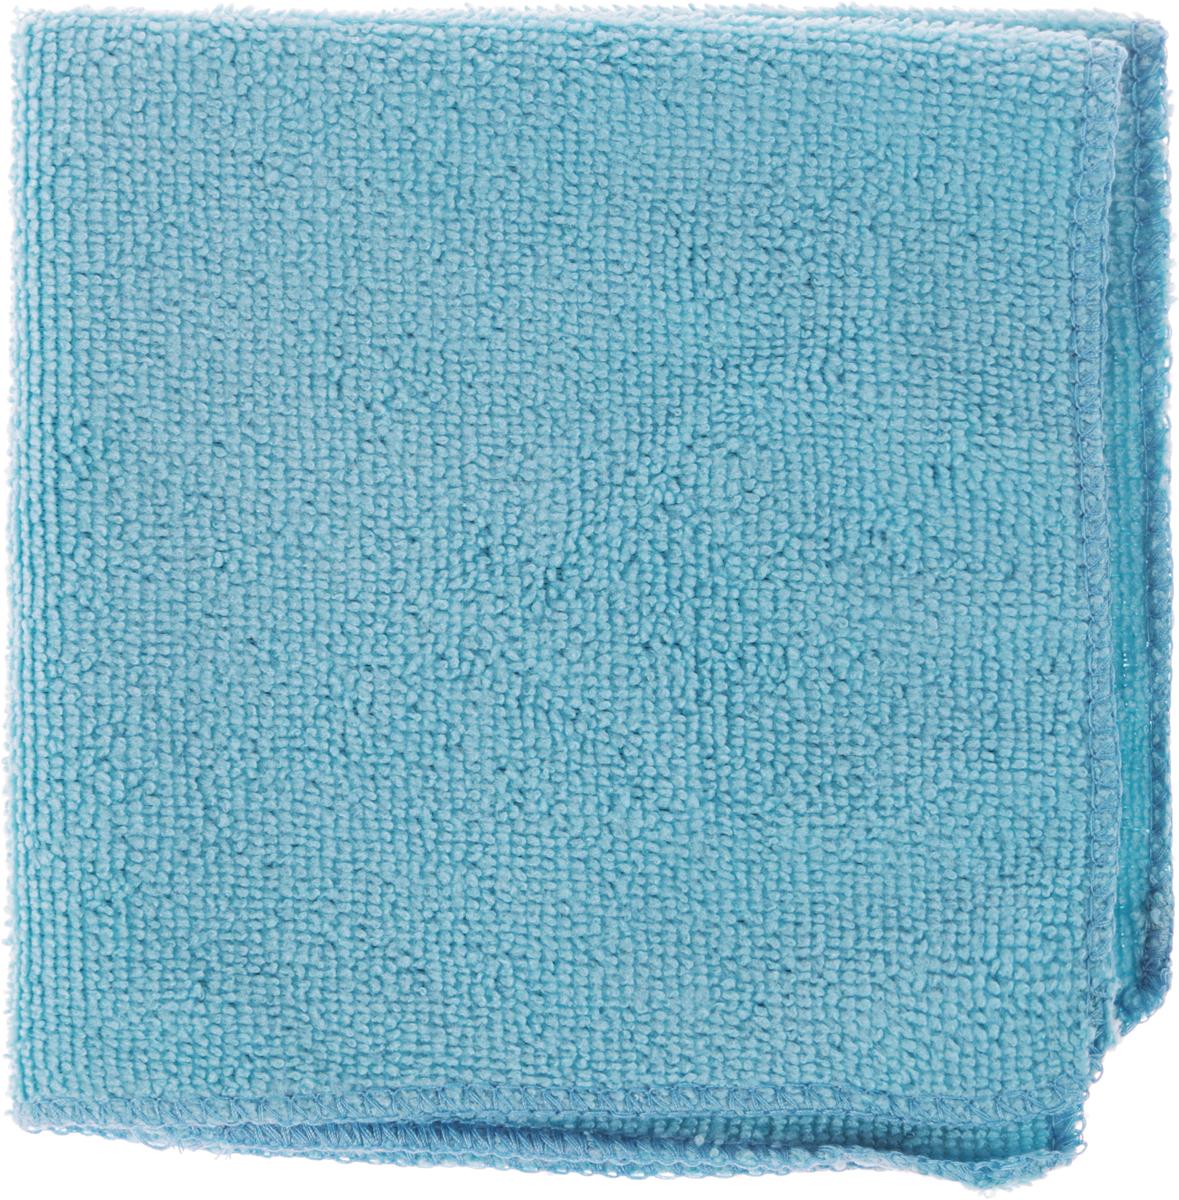 Салфетка универсальная Коллекция, цвет: голубой, 30 х 30 см. Х5СМФ5674Салфетка универсальная Коллекция, изготовленная изполиэстера, эффективно очищает, не царапает поверхность, неоставляет разводов и ворсинок.Идеально подходит для уборки сухим и влажным способом.Впитывает воду, жир и пыль. Легко стирается и быстро сохнет.Размер салфетки: 30 х 30 см.